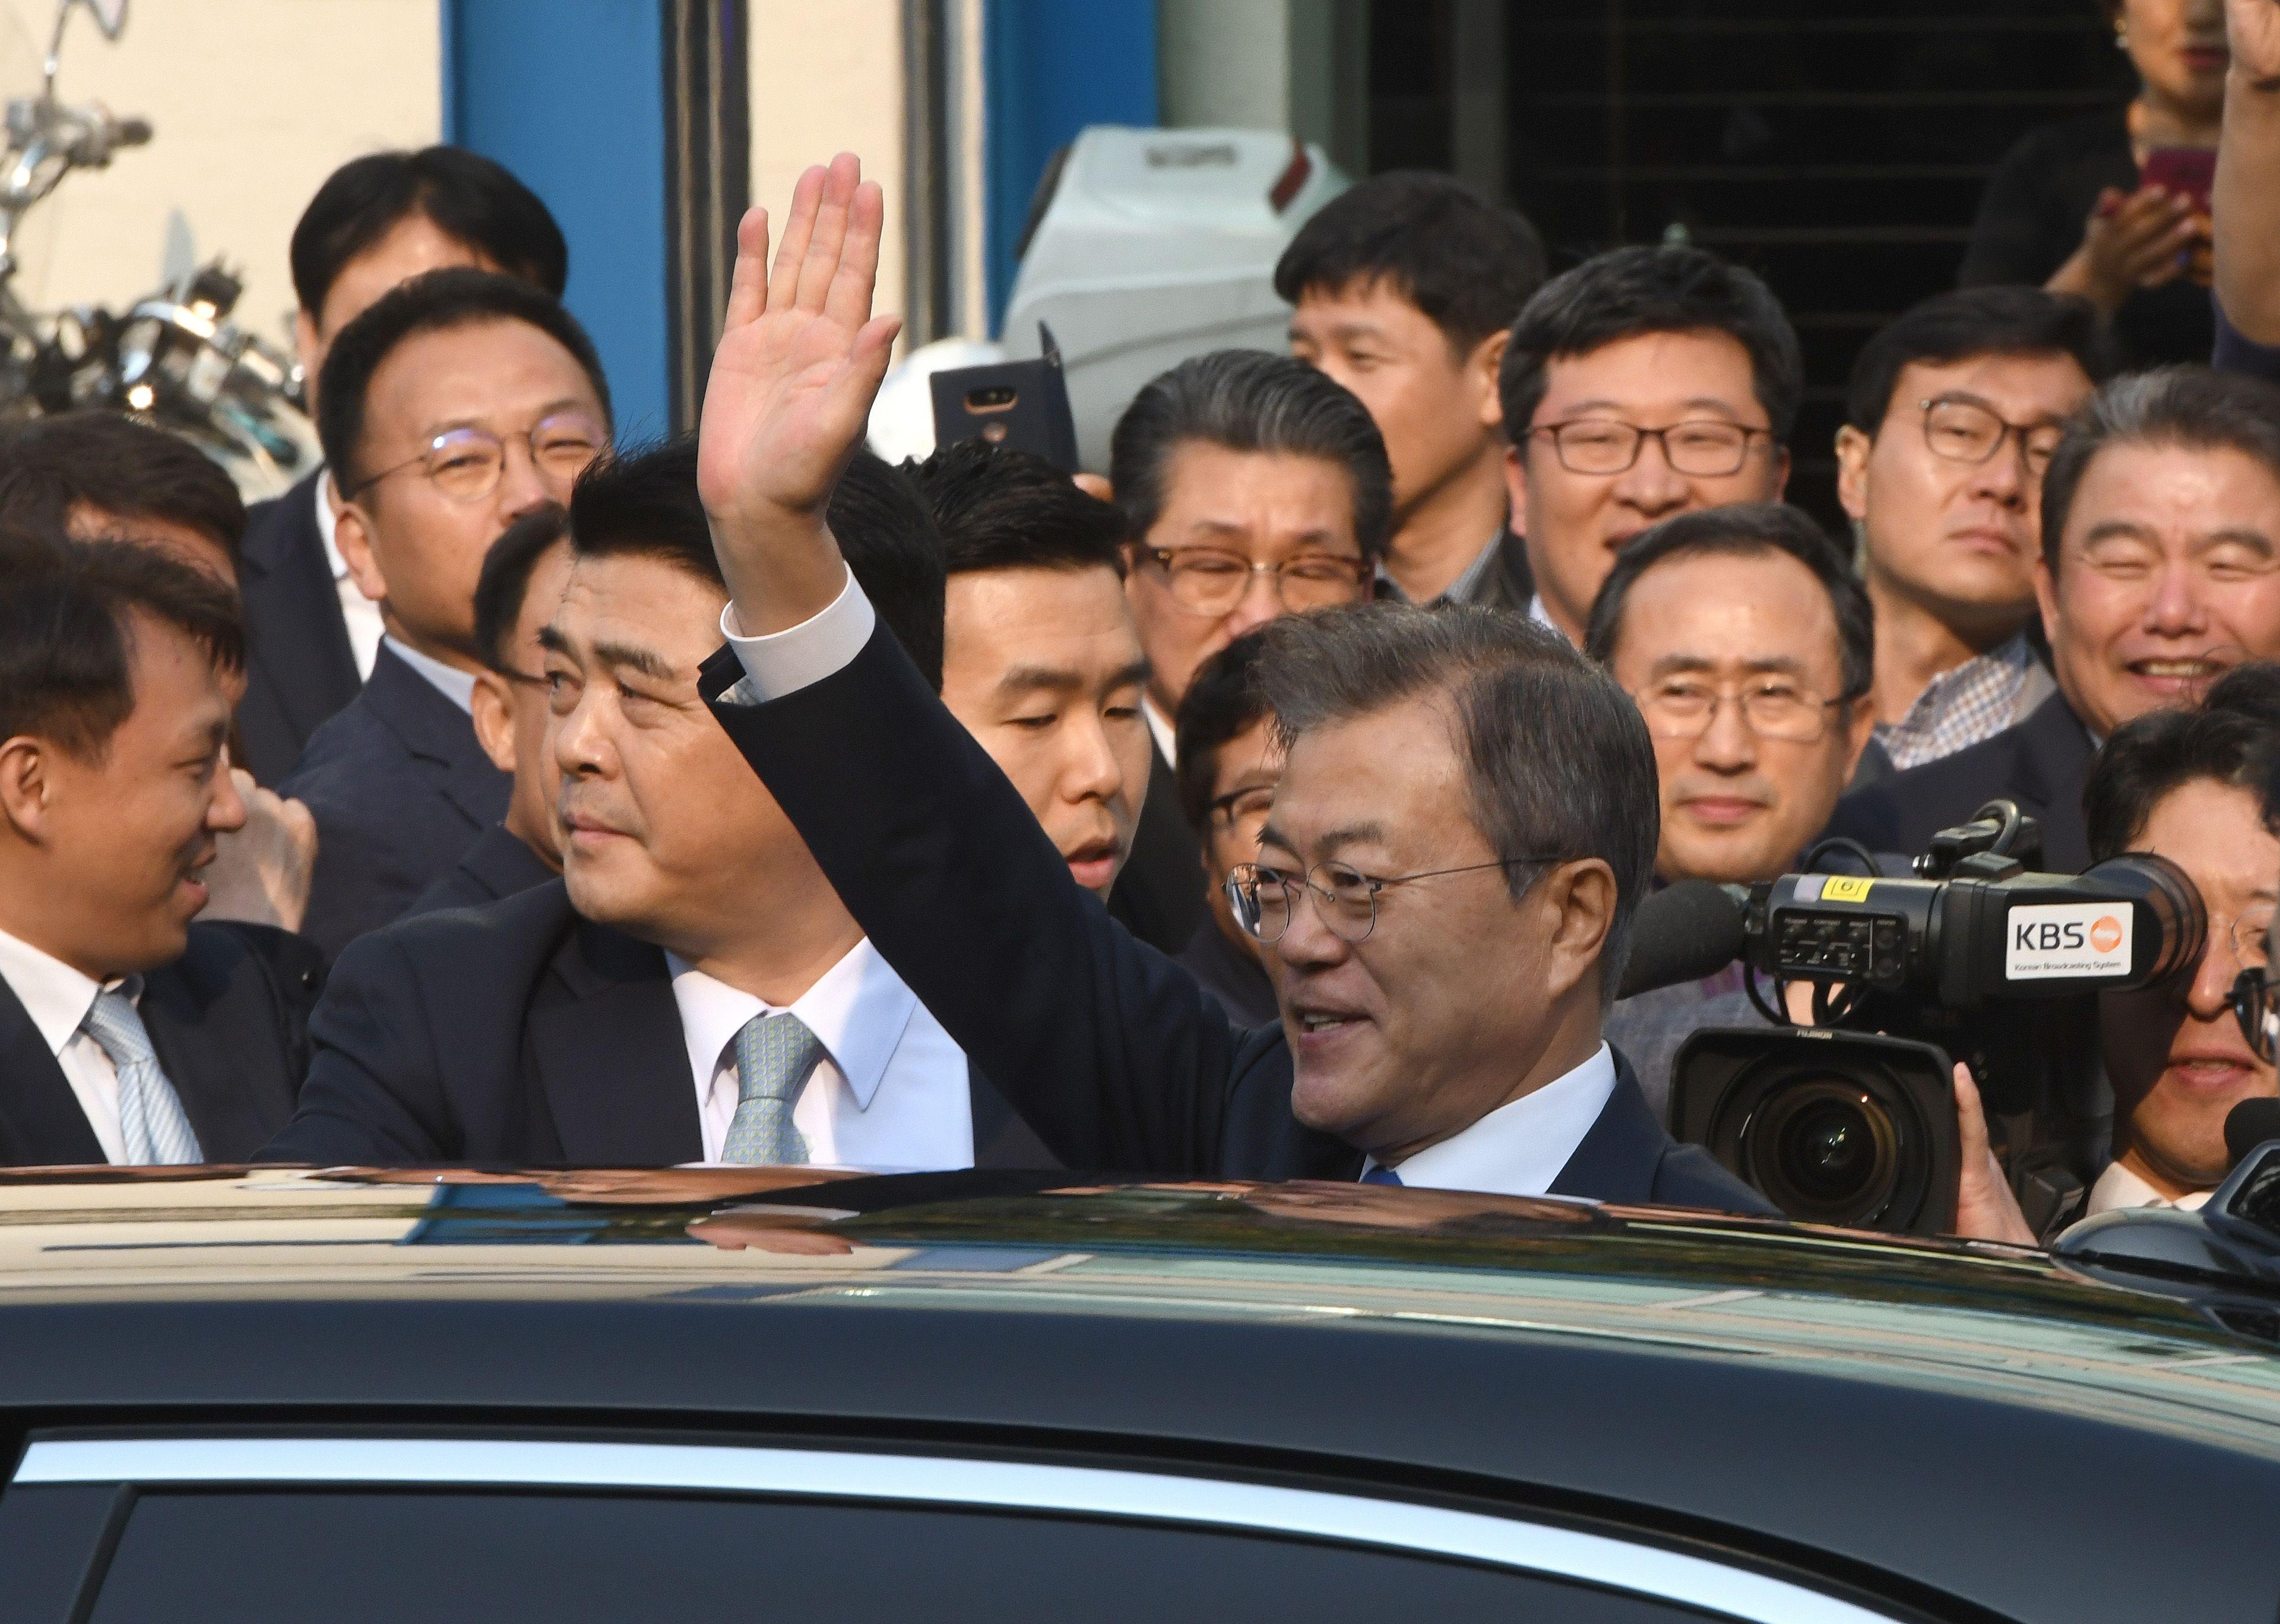 رئيس كوريا الجنوبية يغادر مقر الرئاسة